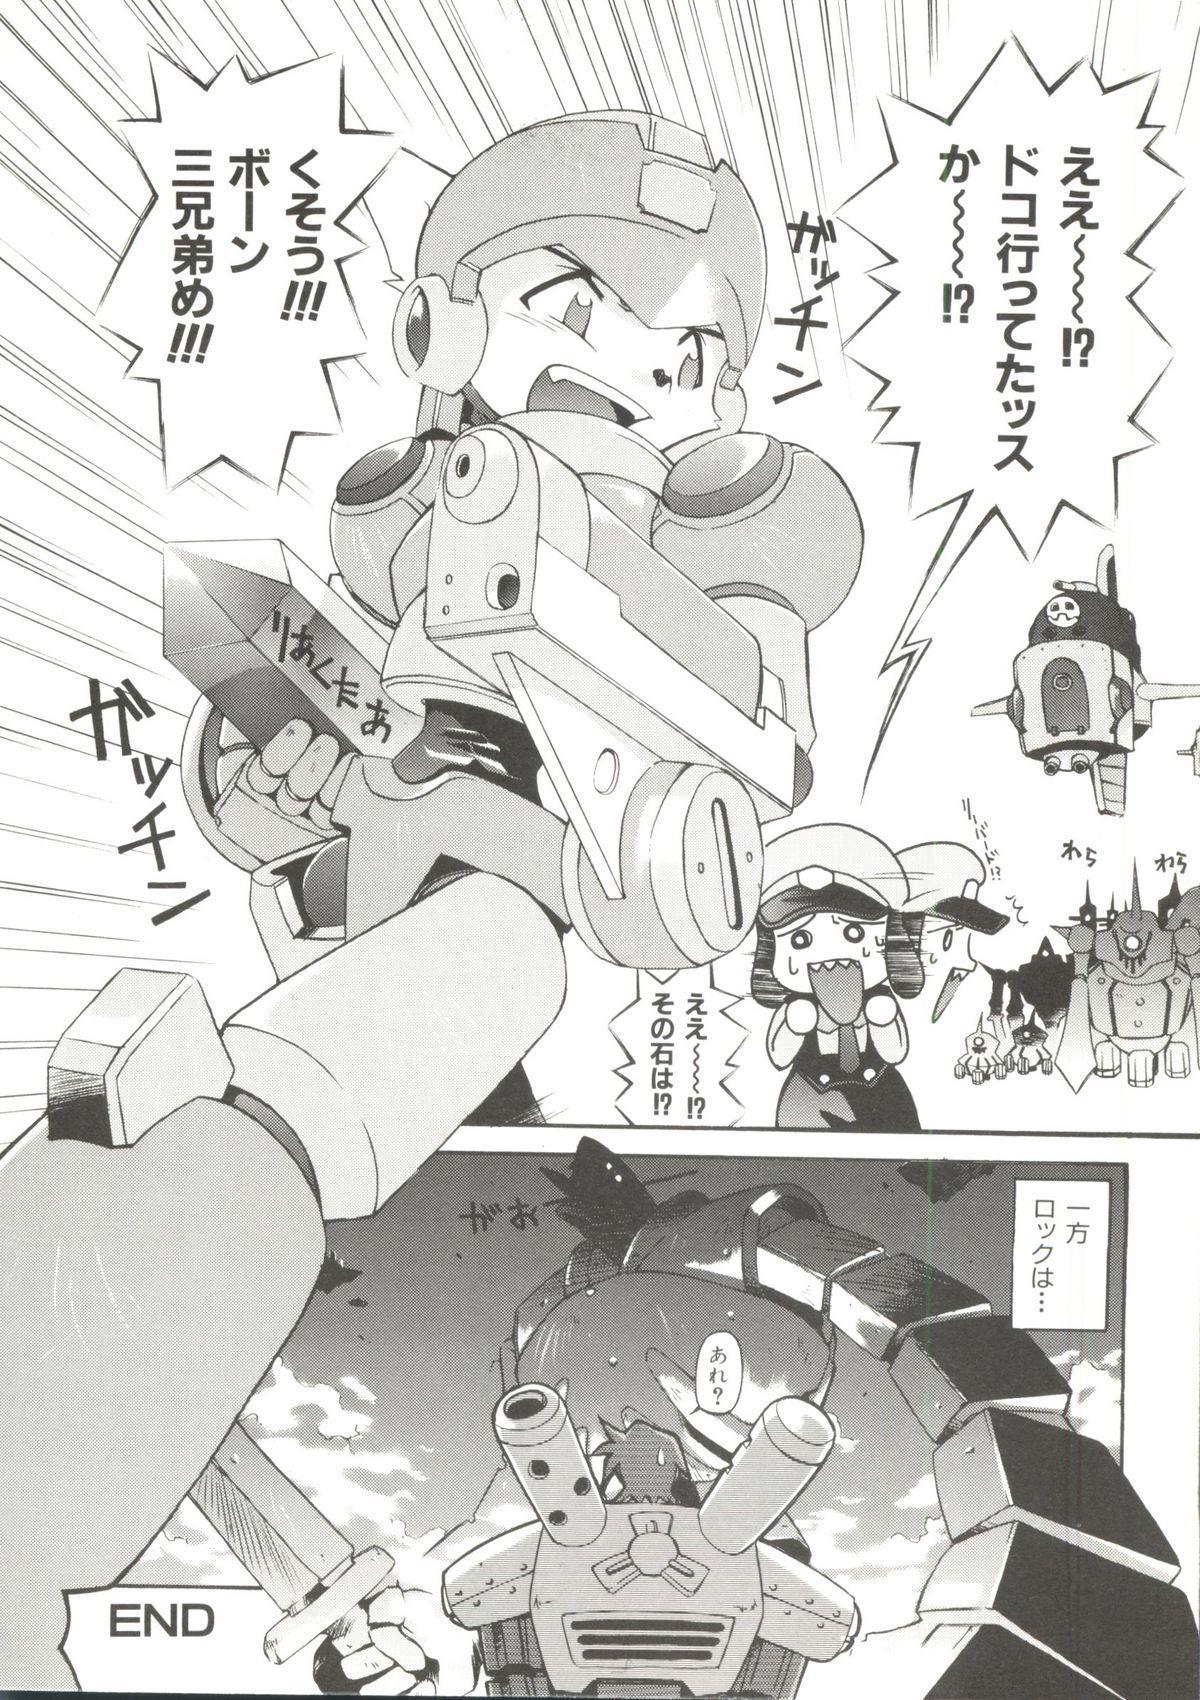 Denei Tamate Bako Bishoujo Doujinshi Anthology Vol. 2 - Nishinhou no Tenshi 115